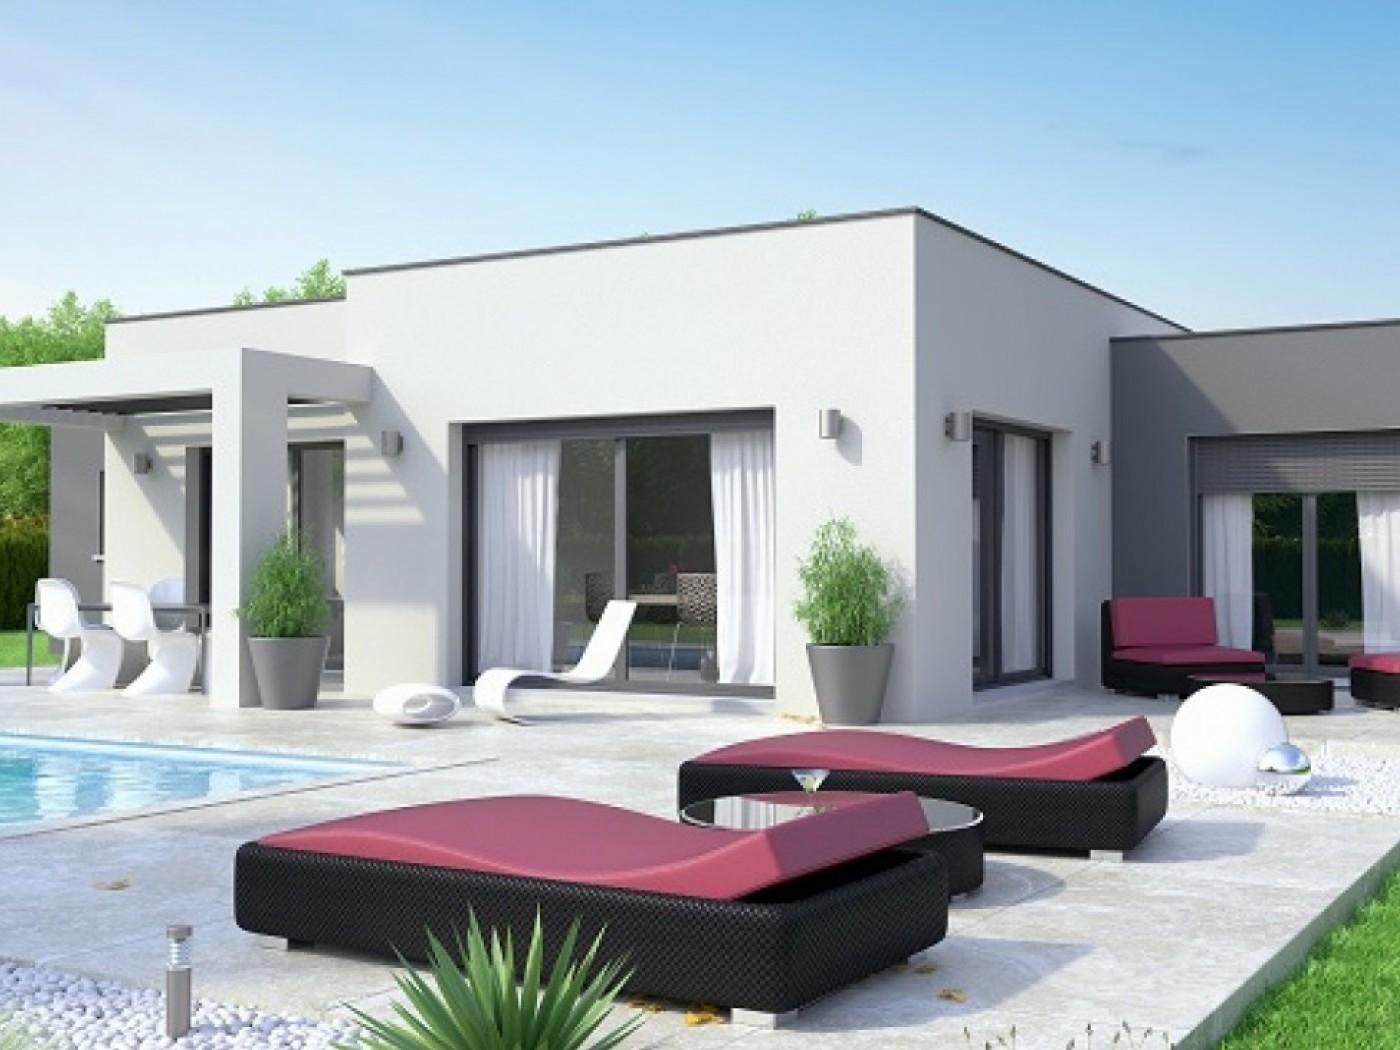 Constructeur maison toit plat rhone alpes - Maison bois moderne toit plat ...